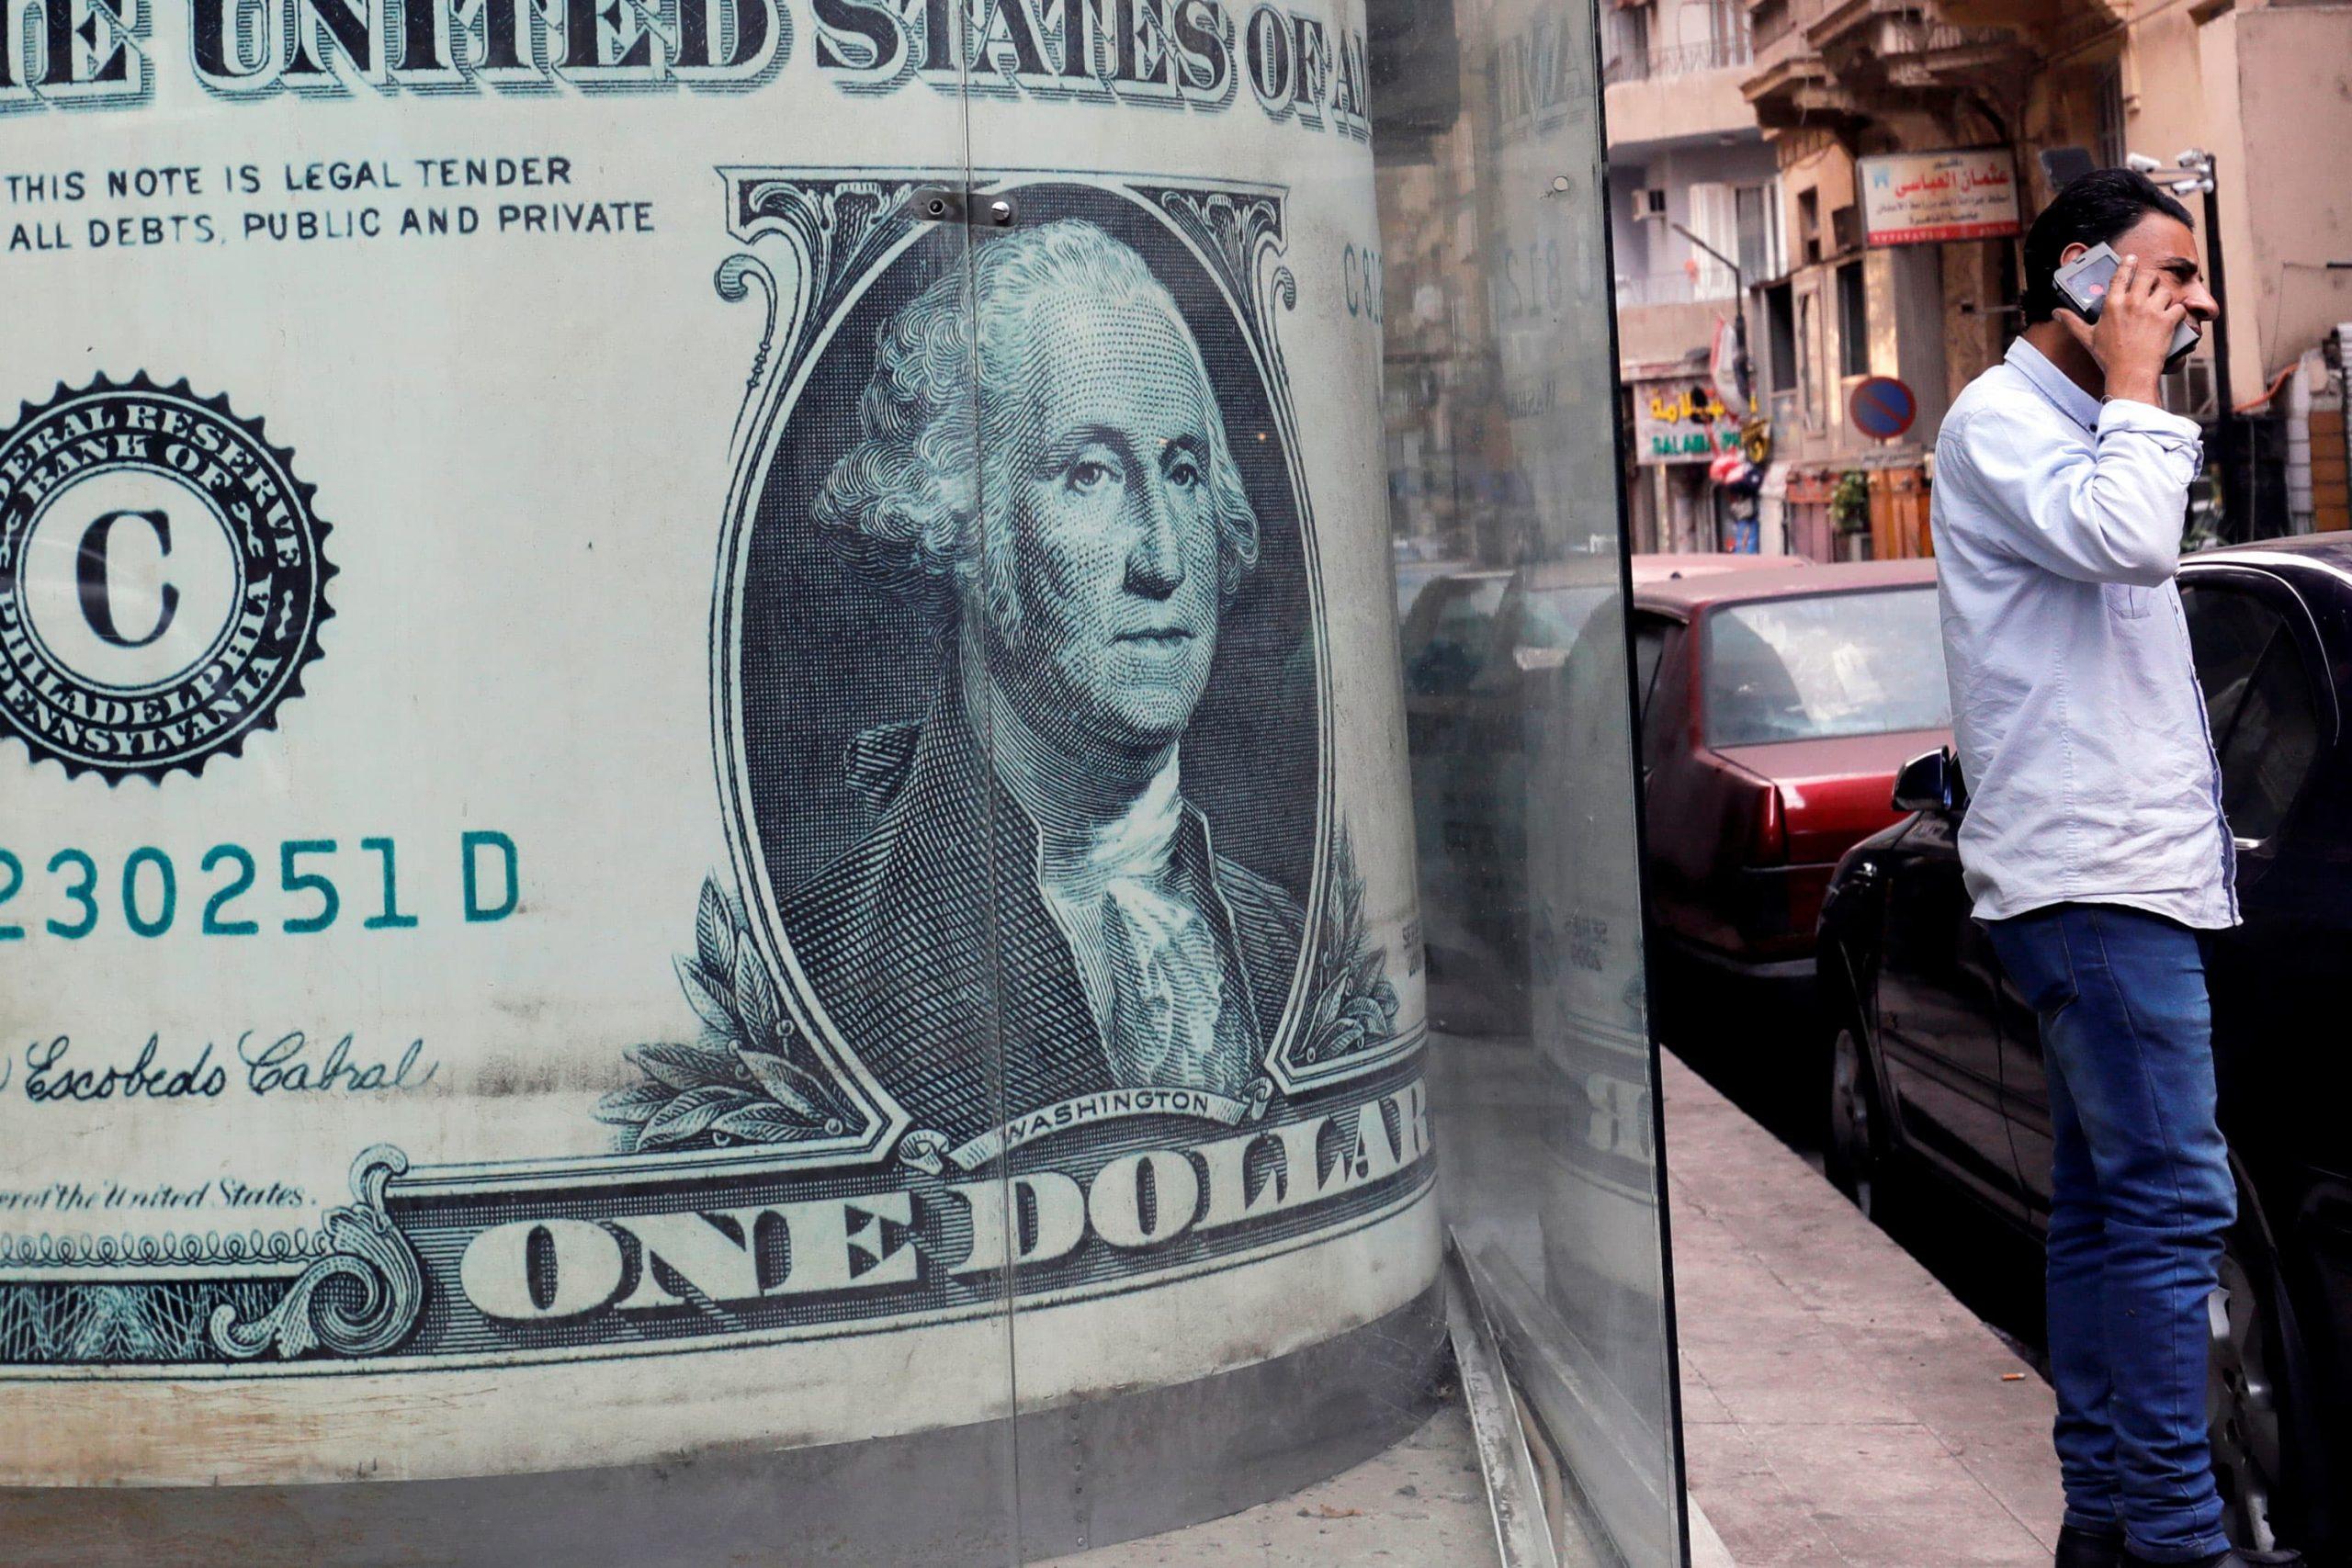 سعر الدولار اليوم الأحد 17 يناير 2021 في البنوك المصرية وتوقعات الخبراء لأسعار الورقة الخضراء 1